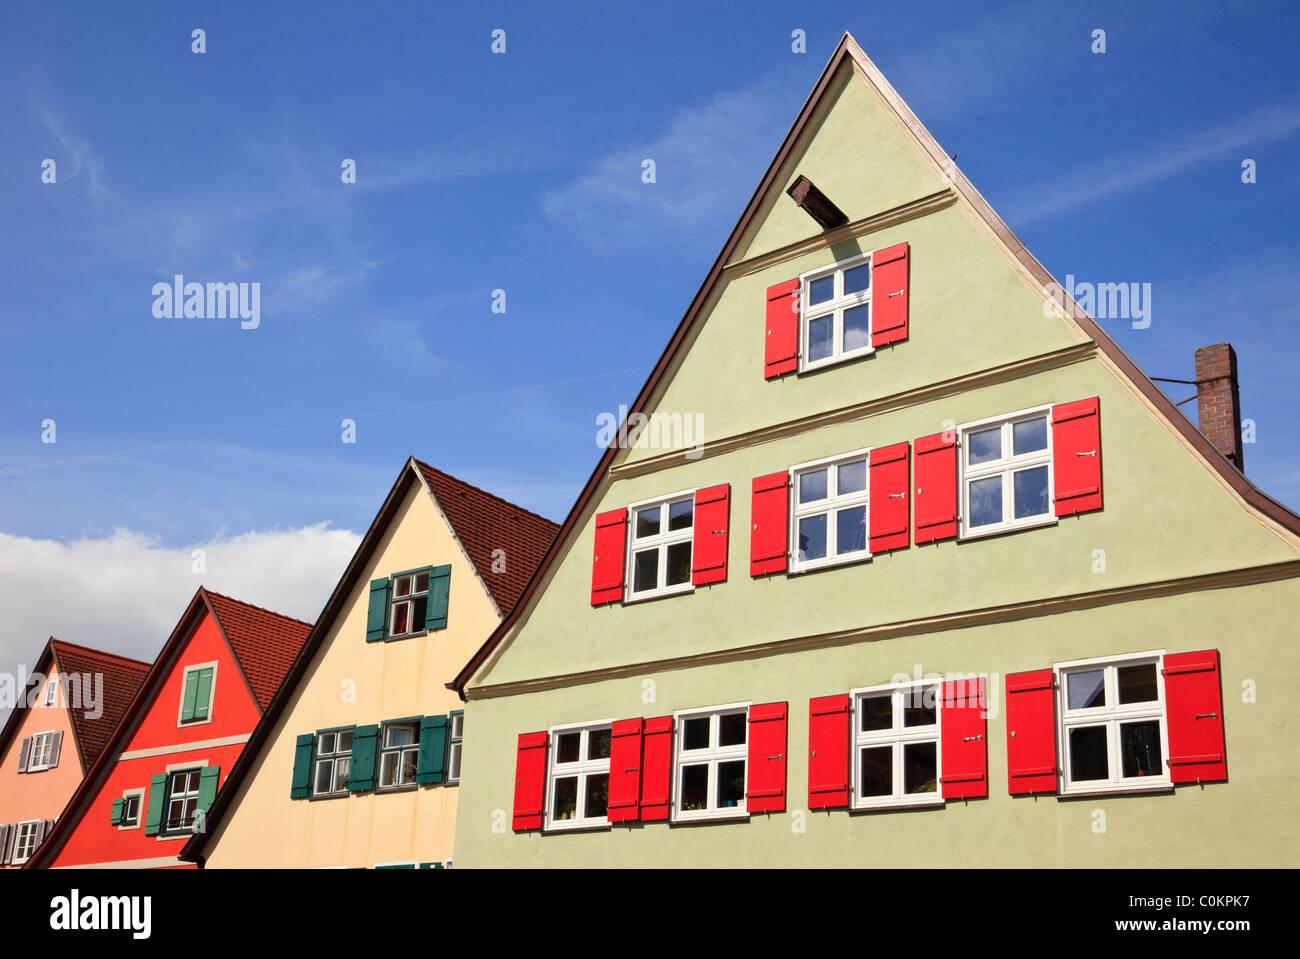 Dinkelsbühl, Baviera, Germania. Tradizionale architettura tedesca nella città vecchia medievale sulla Immagini Stock